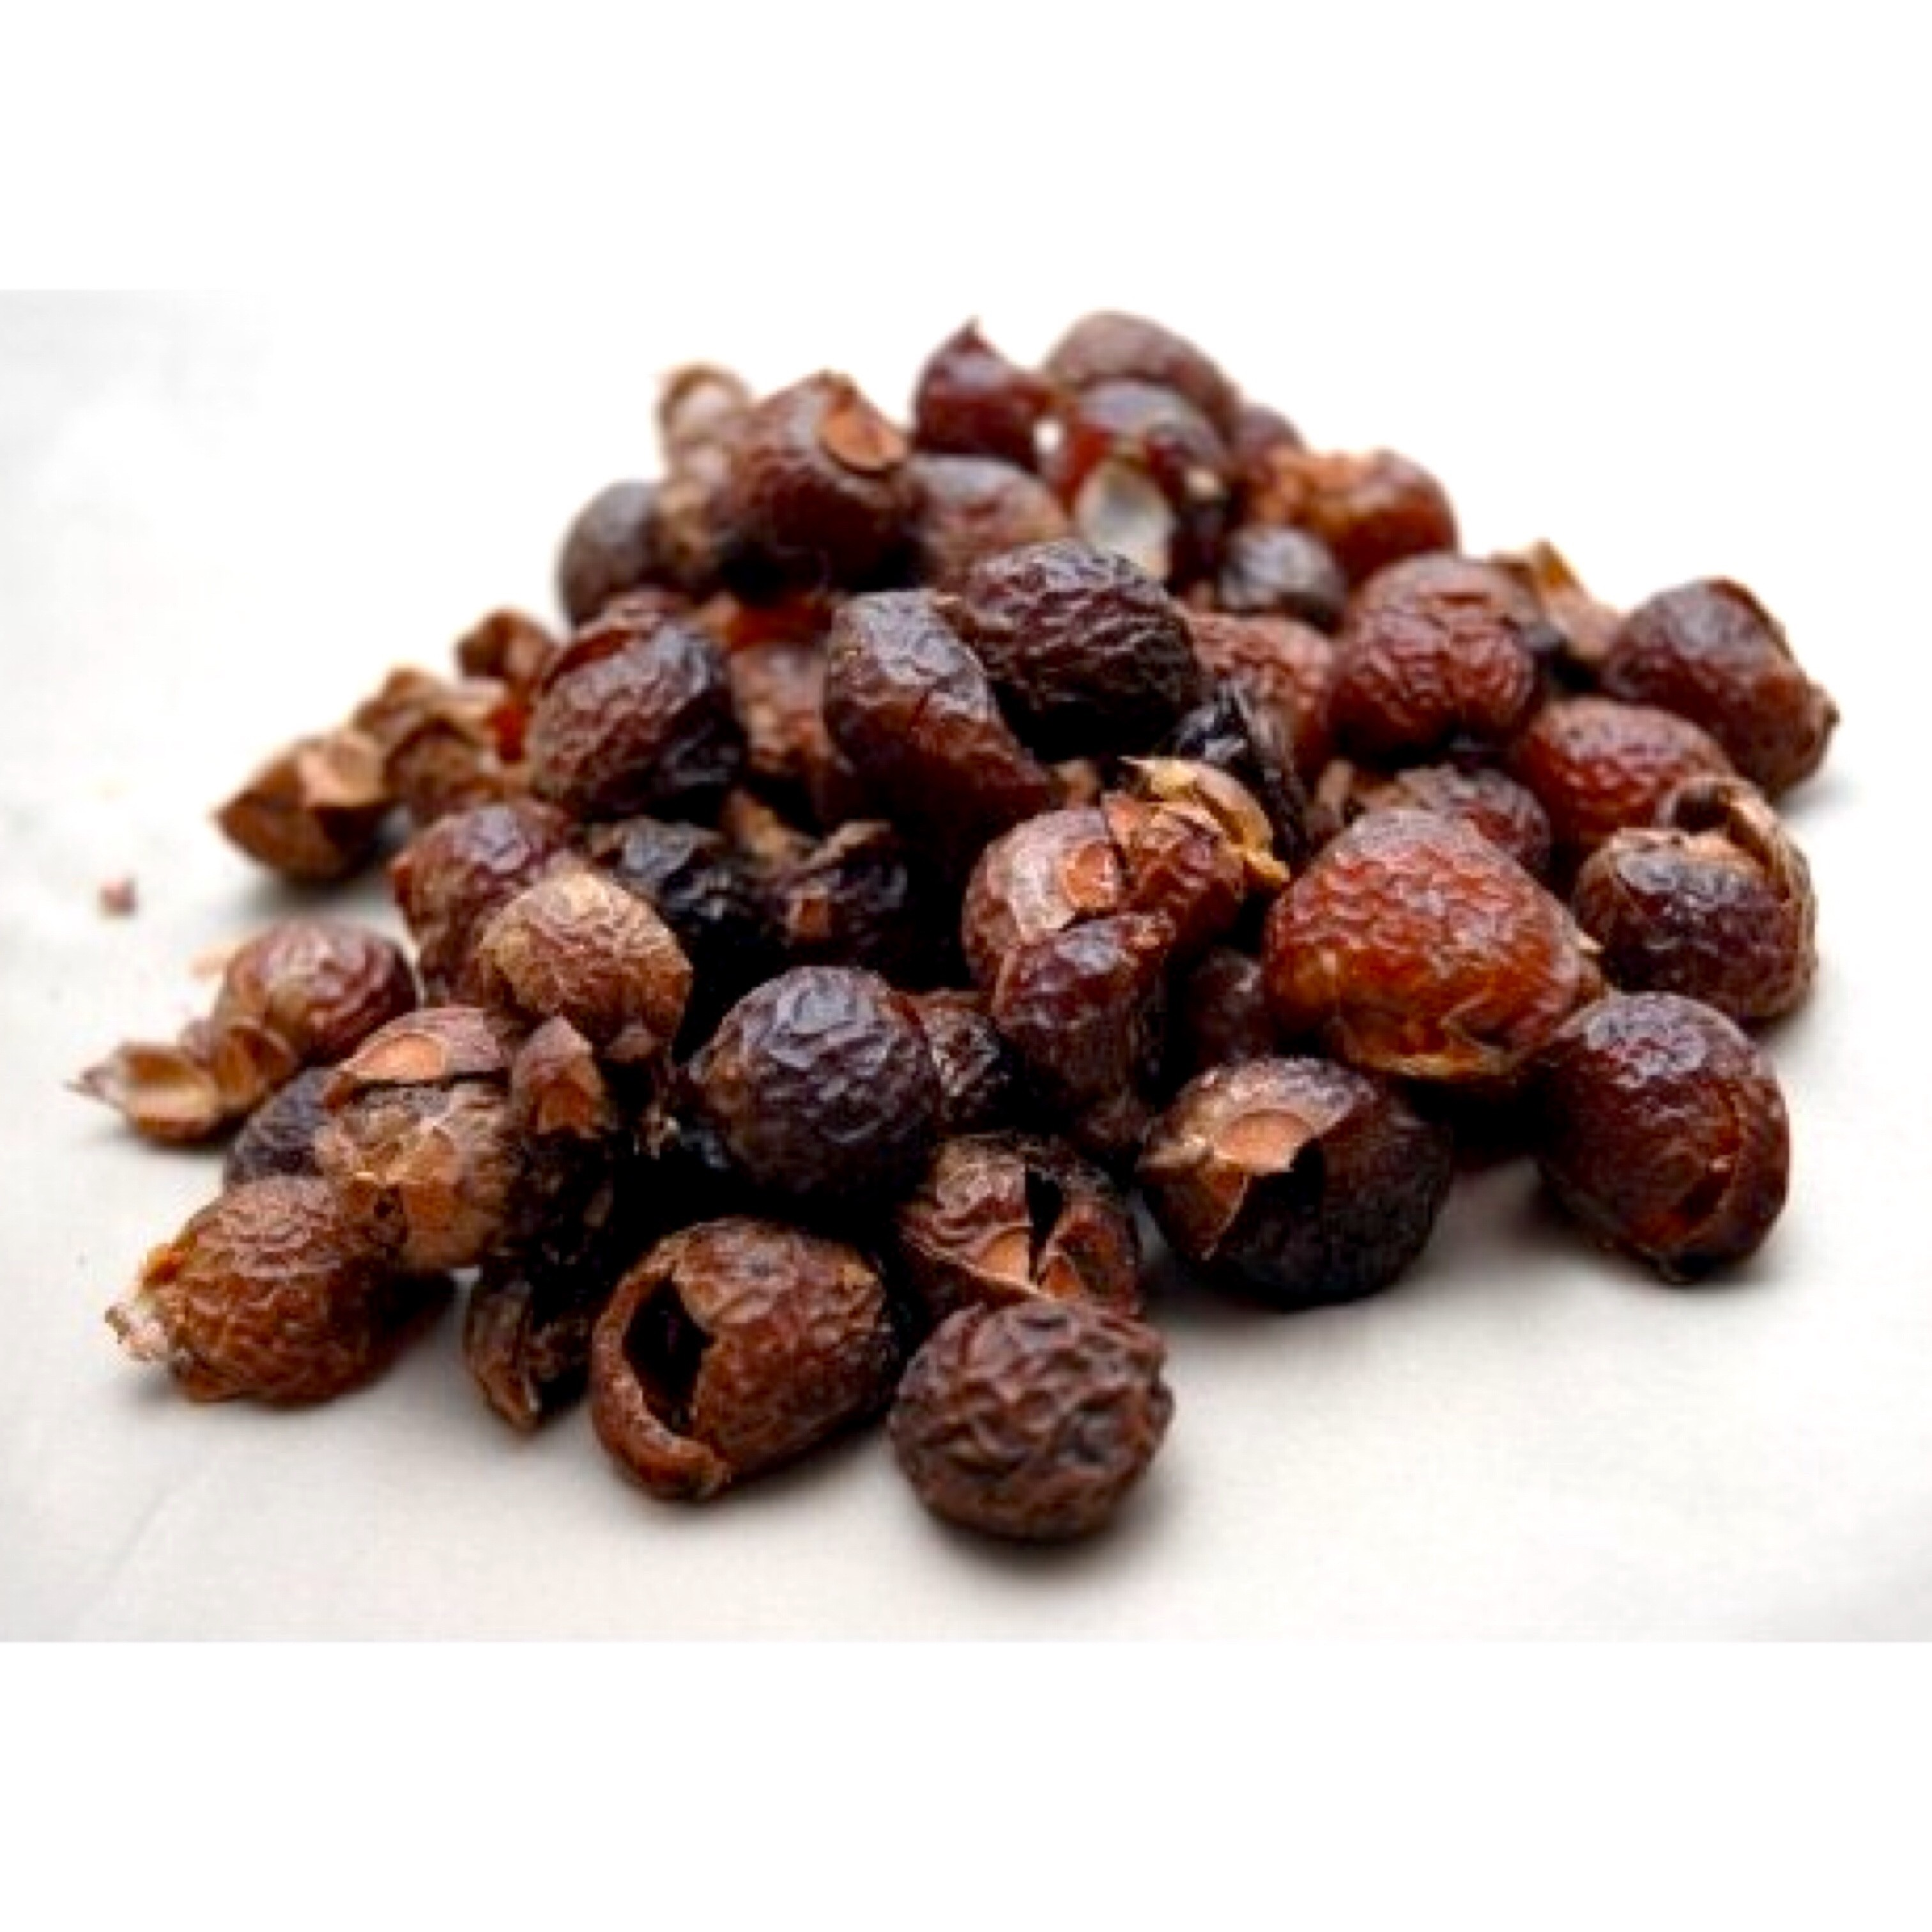 Pallet of Soap Nuts/Soap Berries for Washing Est. Original Retail €5,010, Vilnius, LT